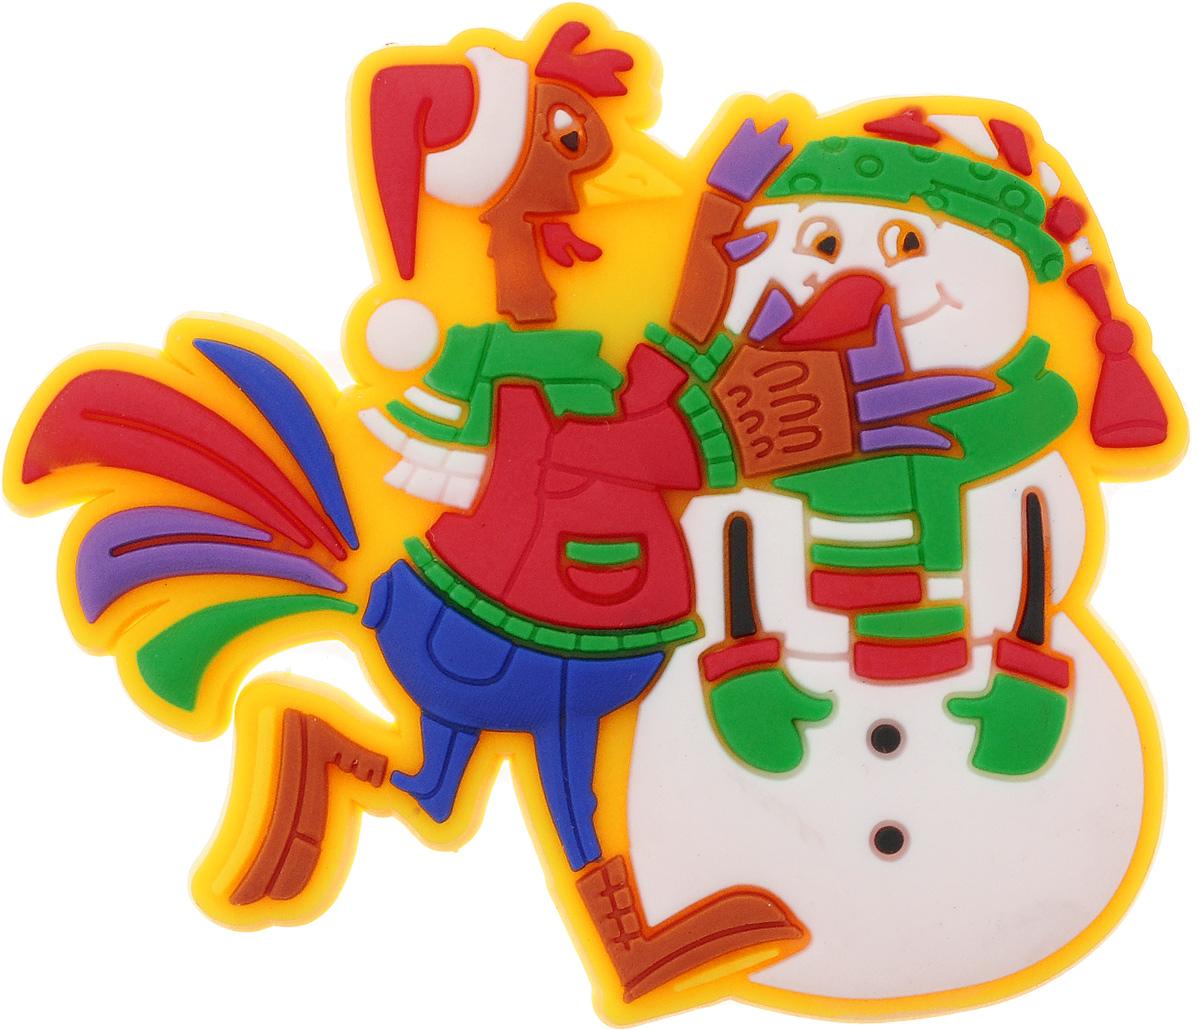 Магнит Magic Time Петушок и снеговик, 5 х 4,5 см42240Магнит Magic Time Петушок и снеговик, выполненный из ПВХ, прекрасно подойдет в качестве сувенира к Новому году или станет приятным презентом в обычный день. Магнит - одно из самых простых, недорогих и при этом оригинальных украшений интерьера. Он поможет вам украсить не только холодильник, но и любую другую магнитную поверхность.